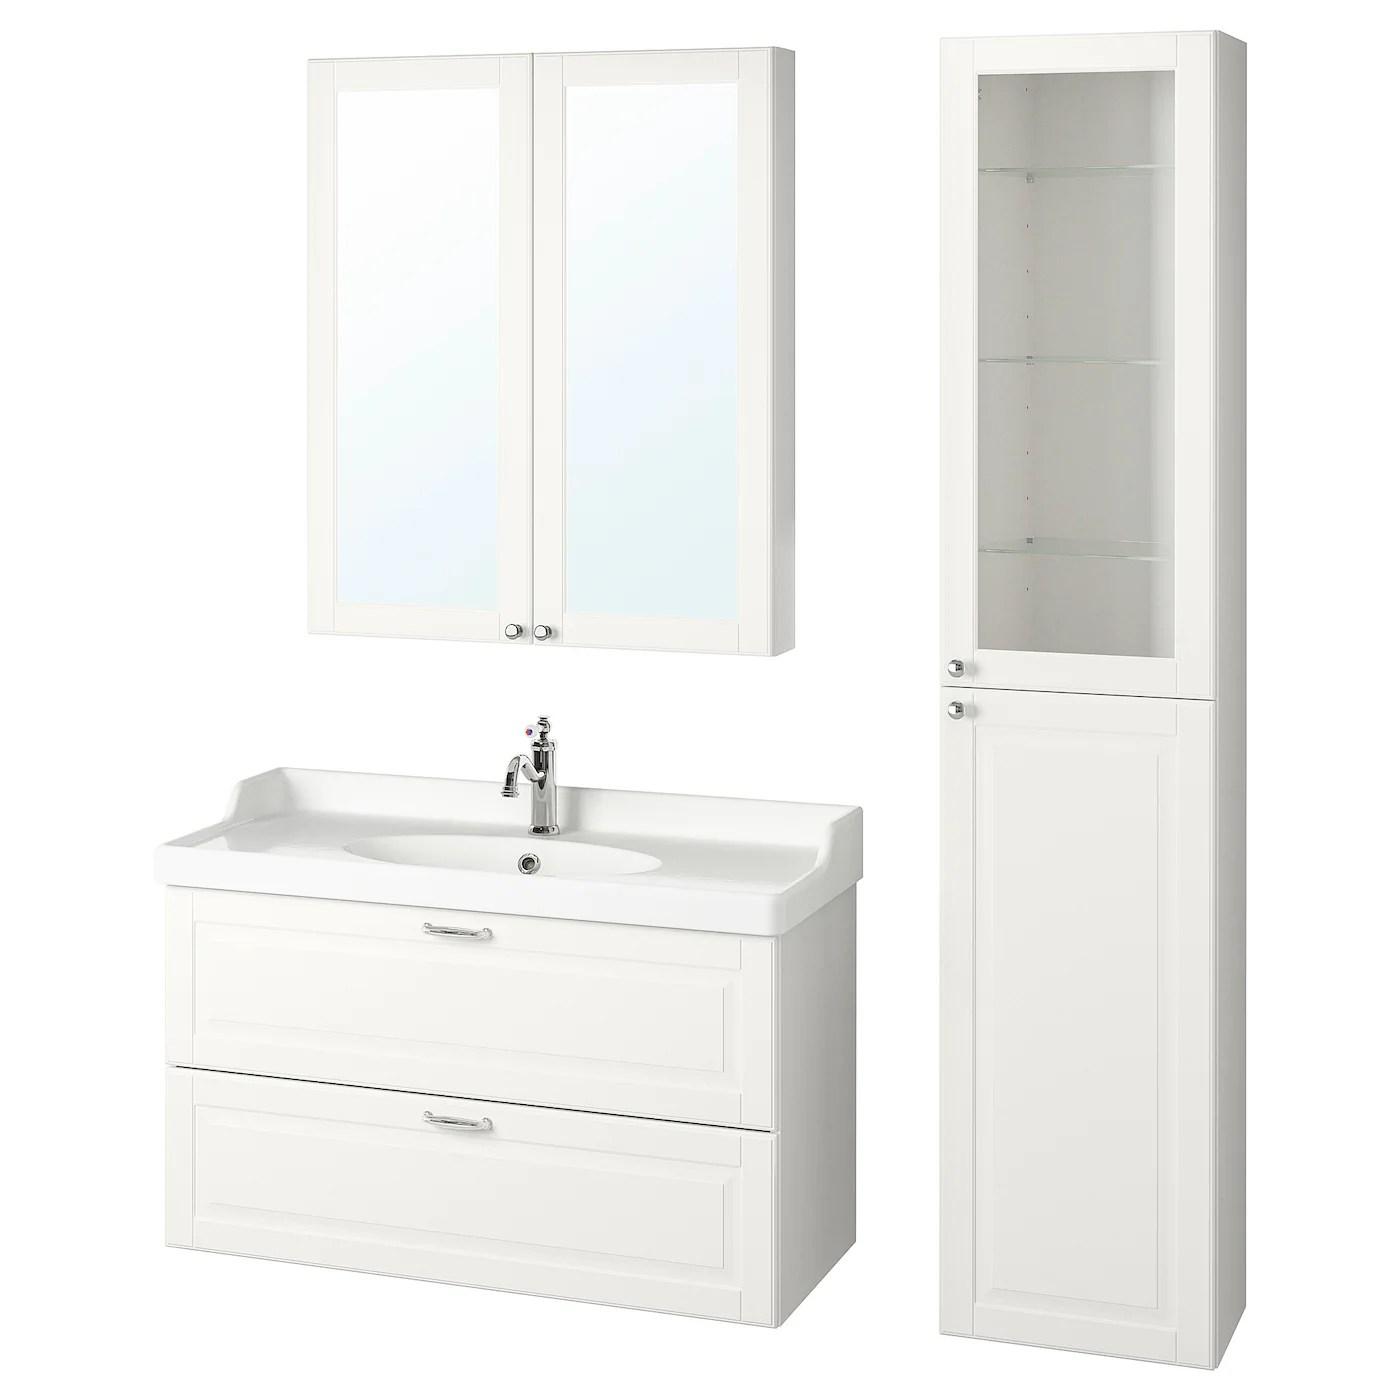 Inhouse srls armadio 2 ante, mobili bagno arte povera ikea. Set Di Mobili Per Bagno Ikea It